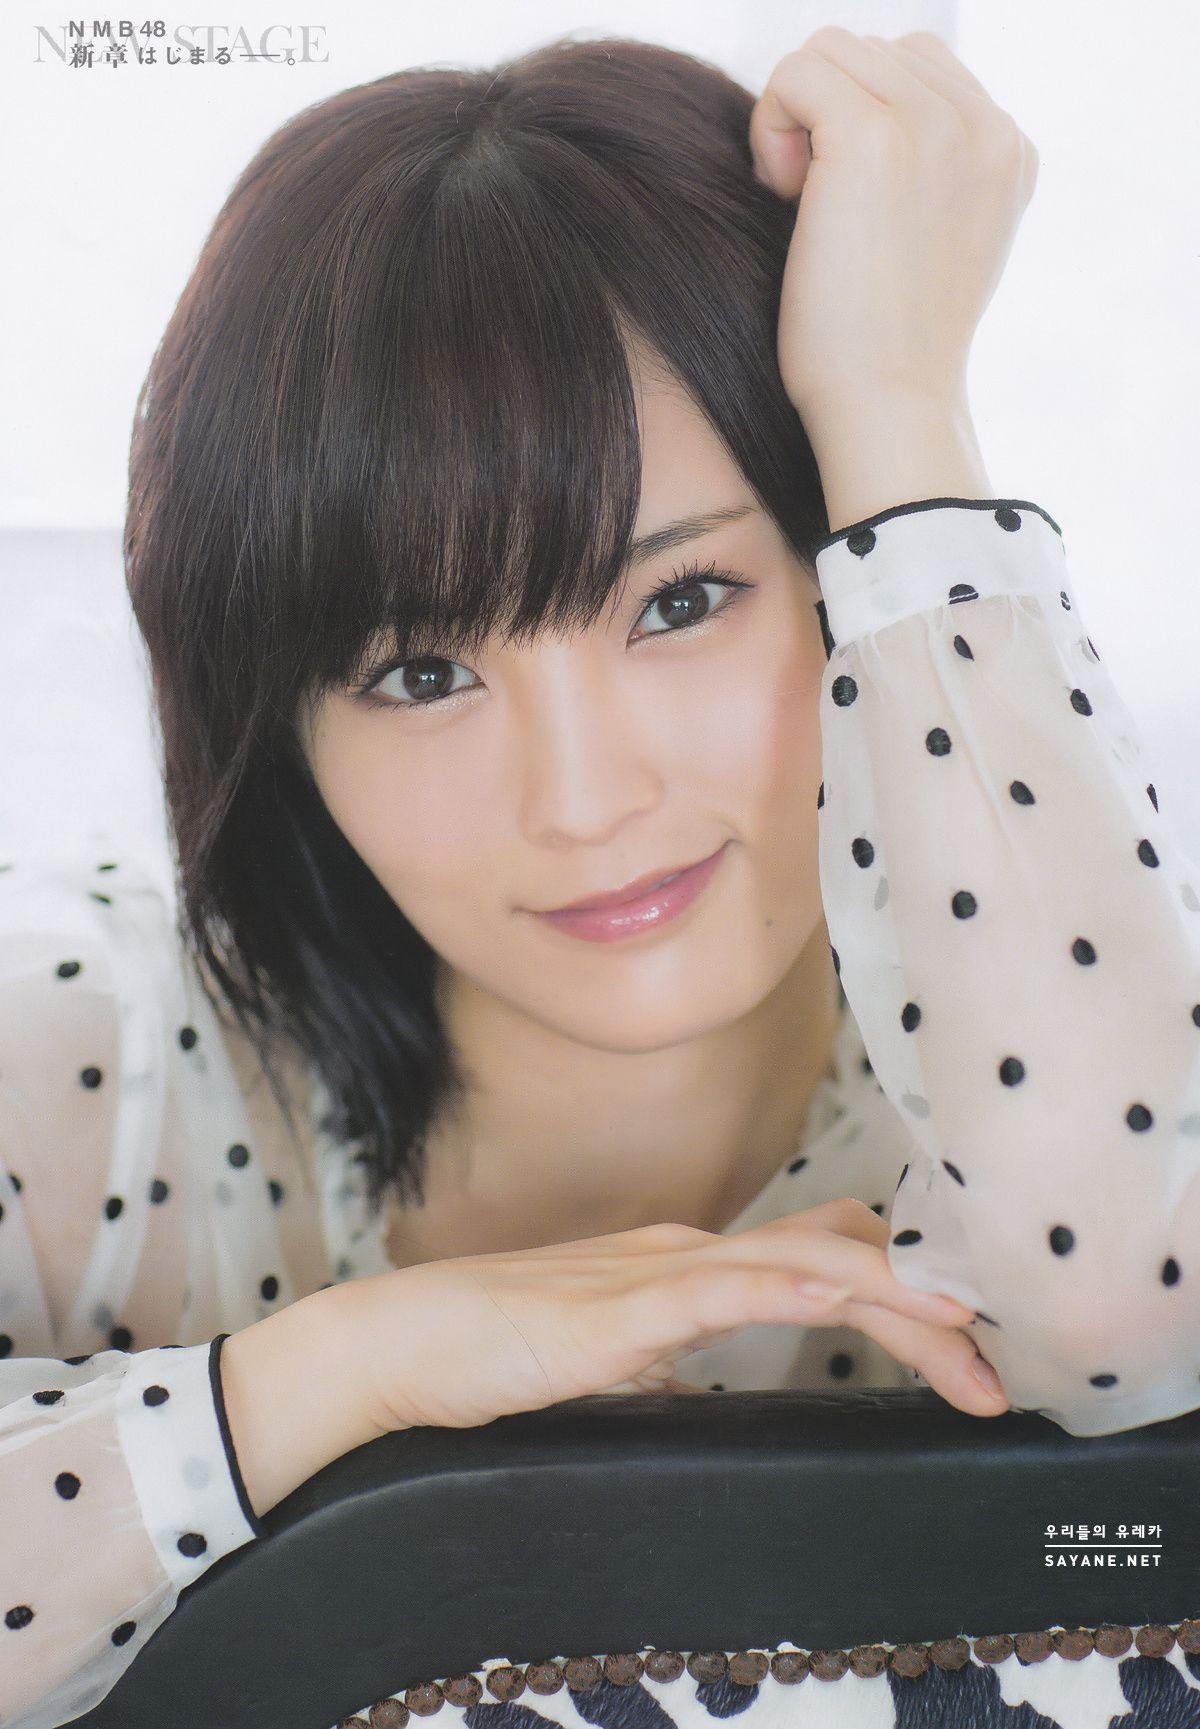 山本 彩 Sayaka Yamamoto やまもと さやか Sayanee さや姉